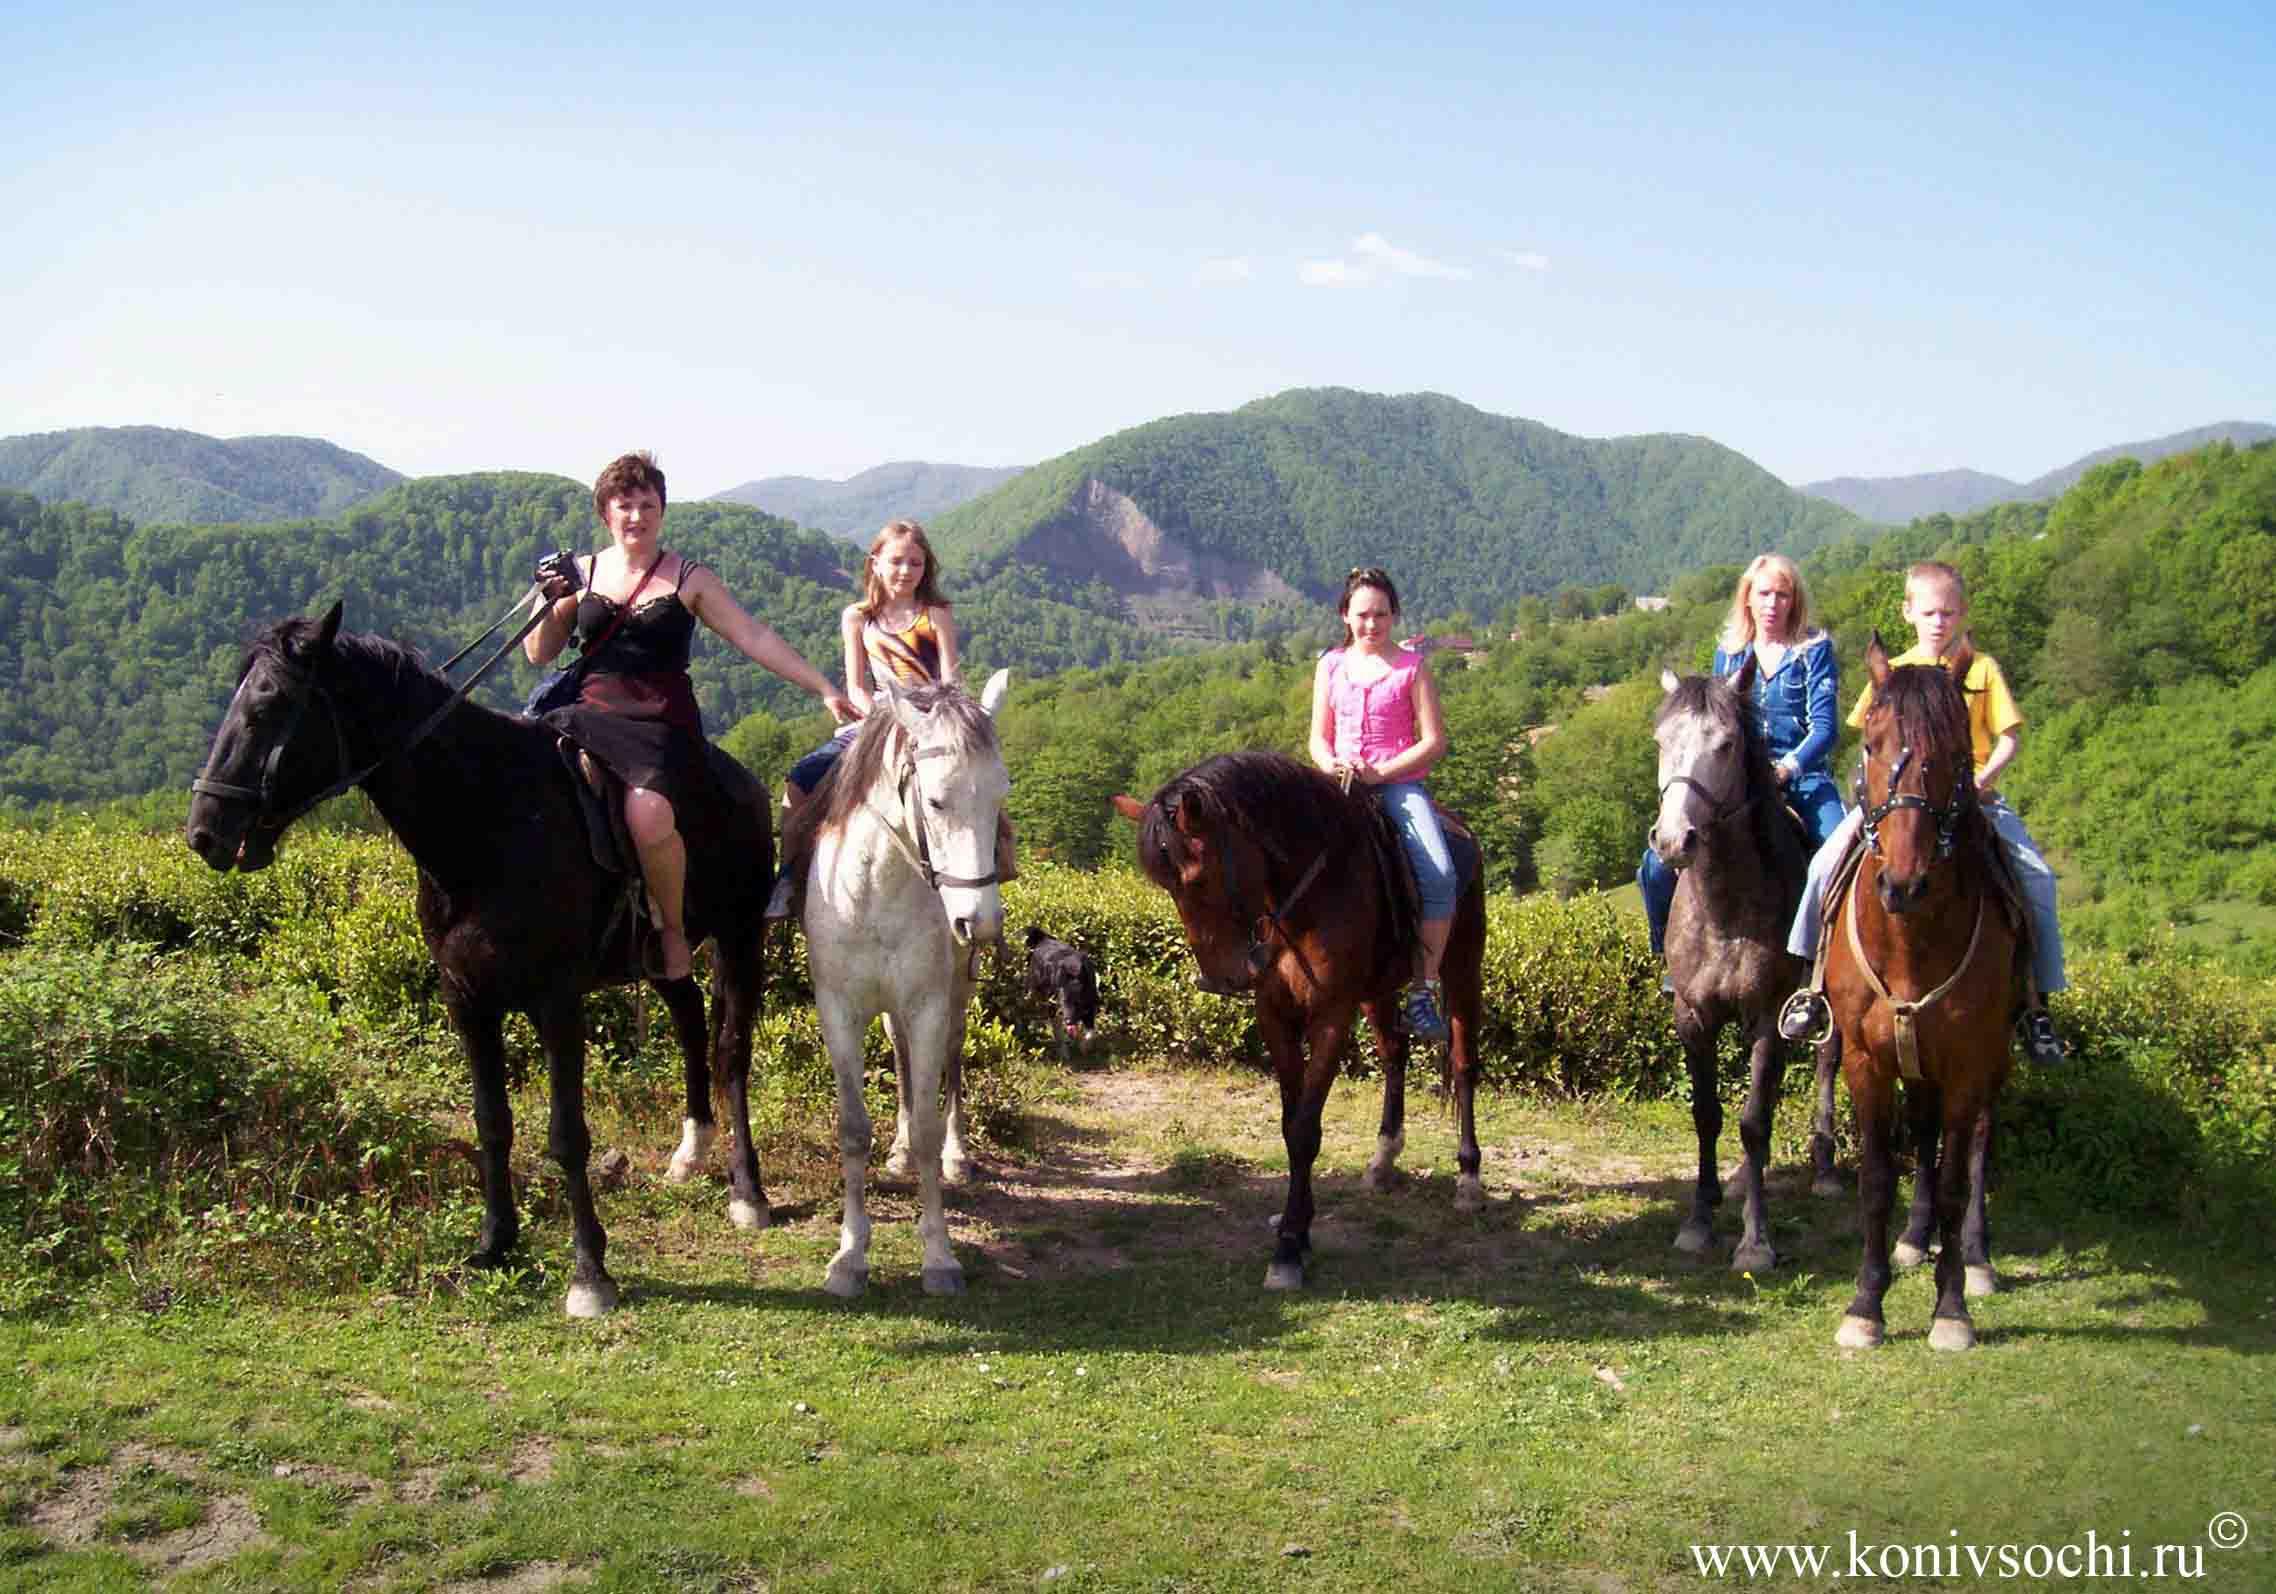 конный поход, конный тур, туризм, активный отдых в горах Кавказа, Сочи, Дагомыс